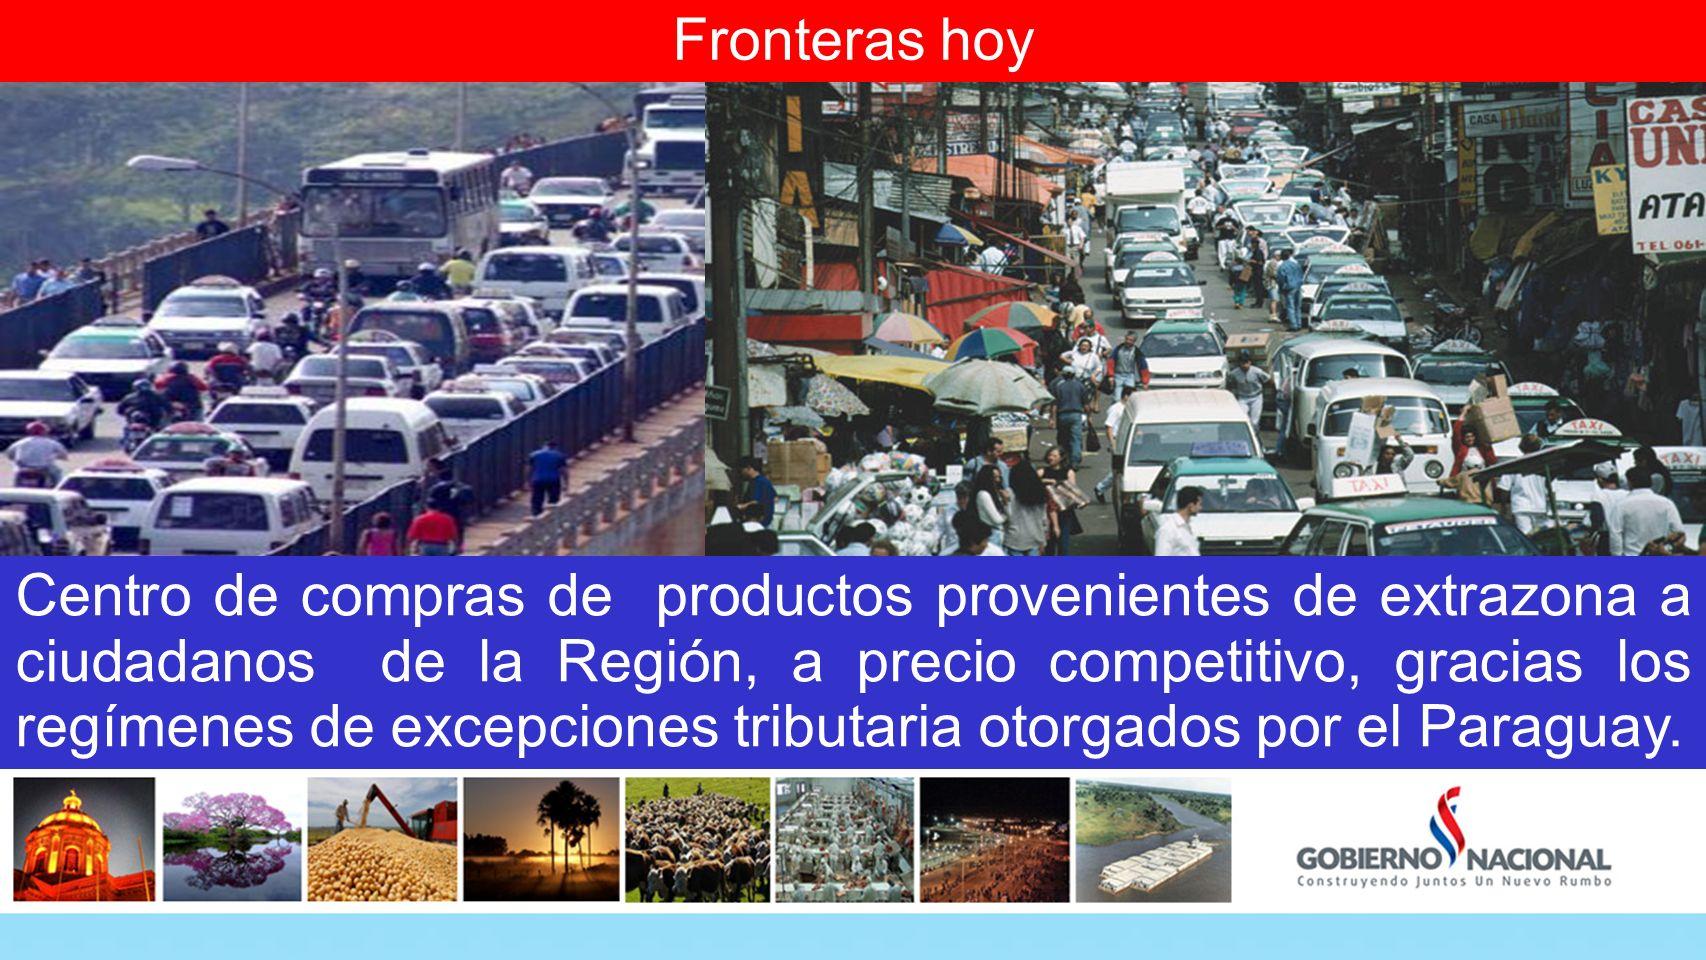 Fronteras hoy Centro de compras de productos provenientes de extrazona a ciudadanos de la Región, a precio competitivo, gracias los regímenes de excep